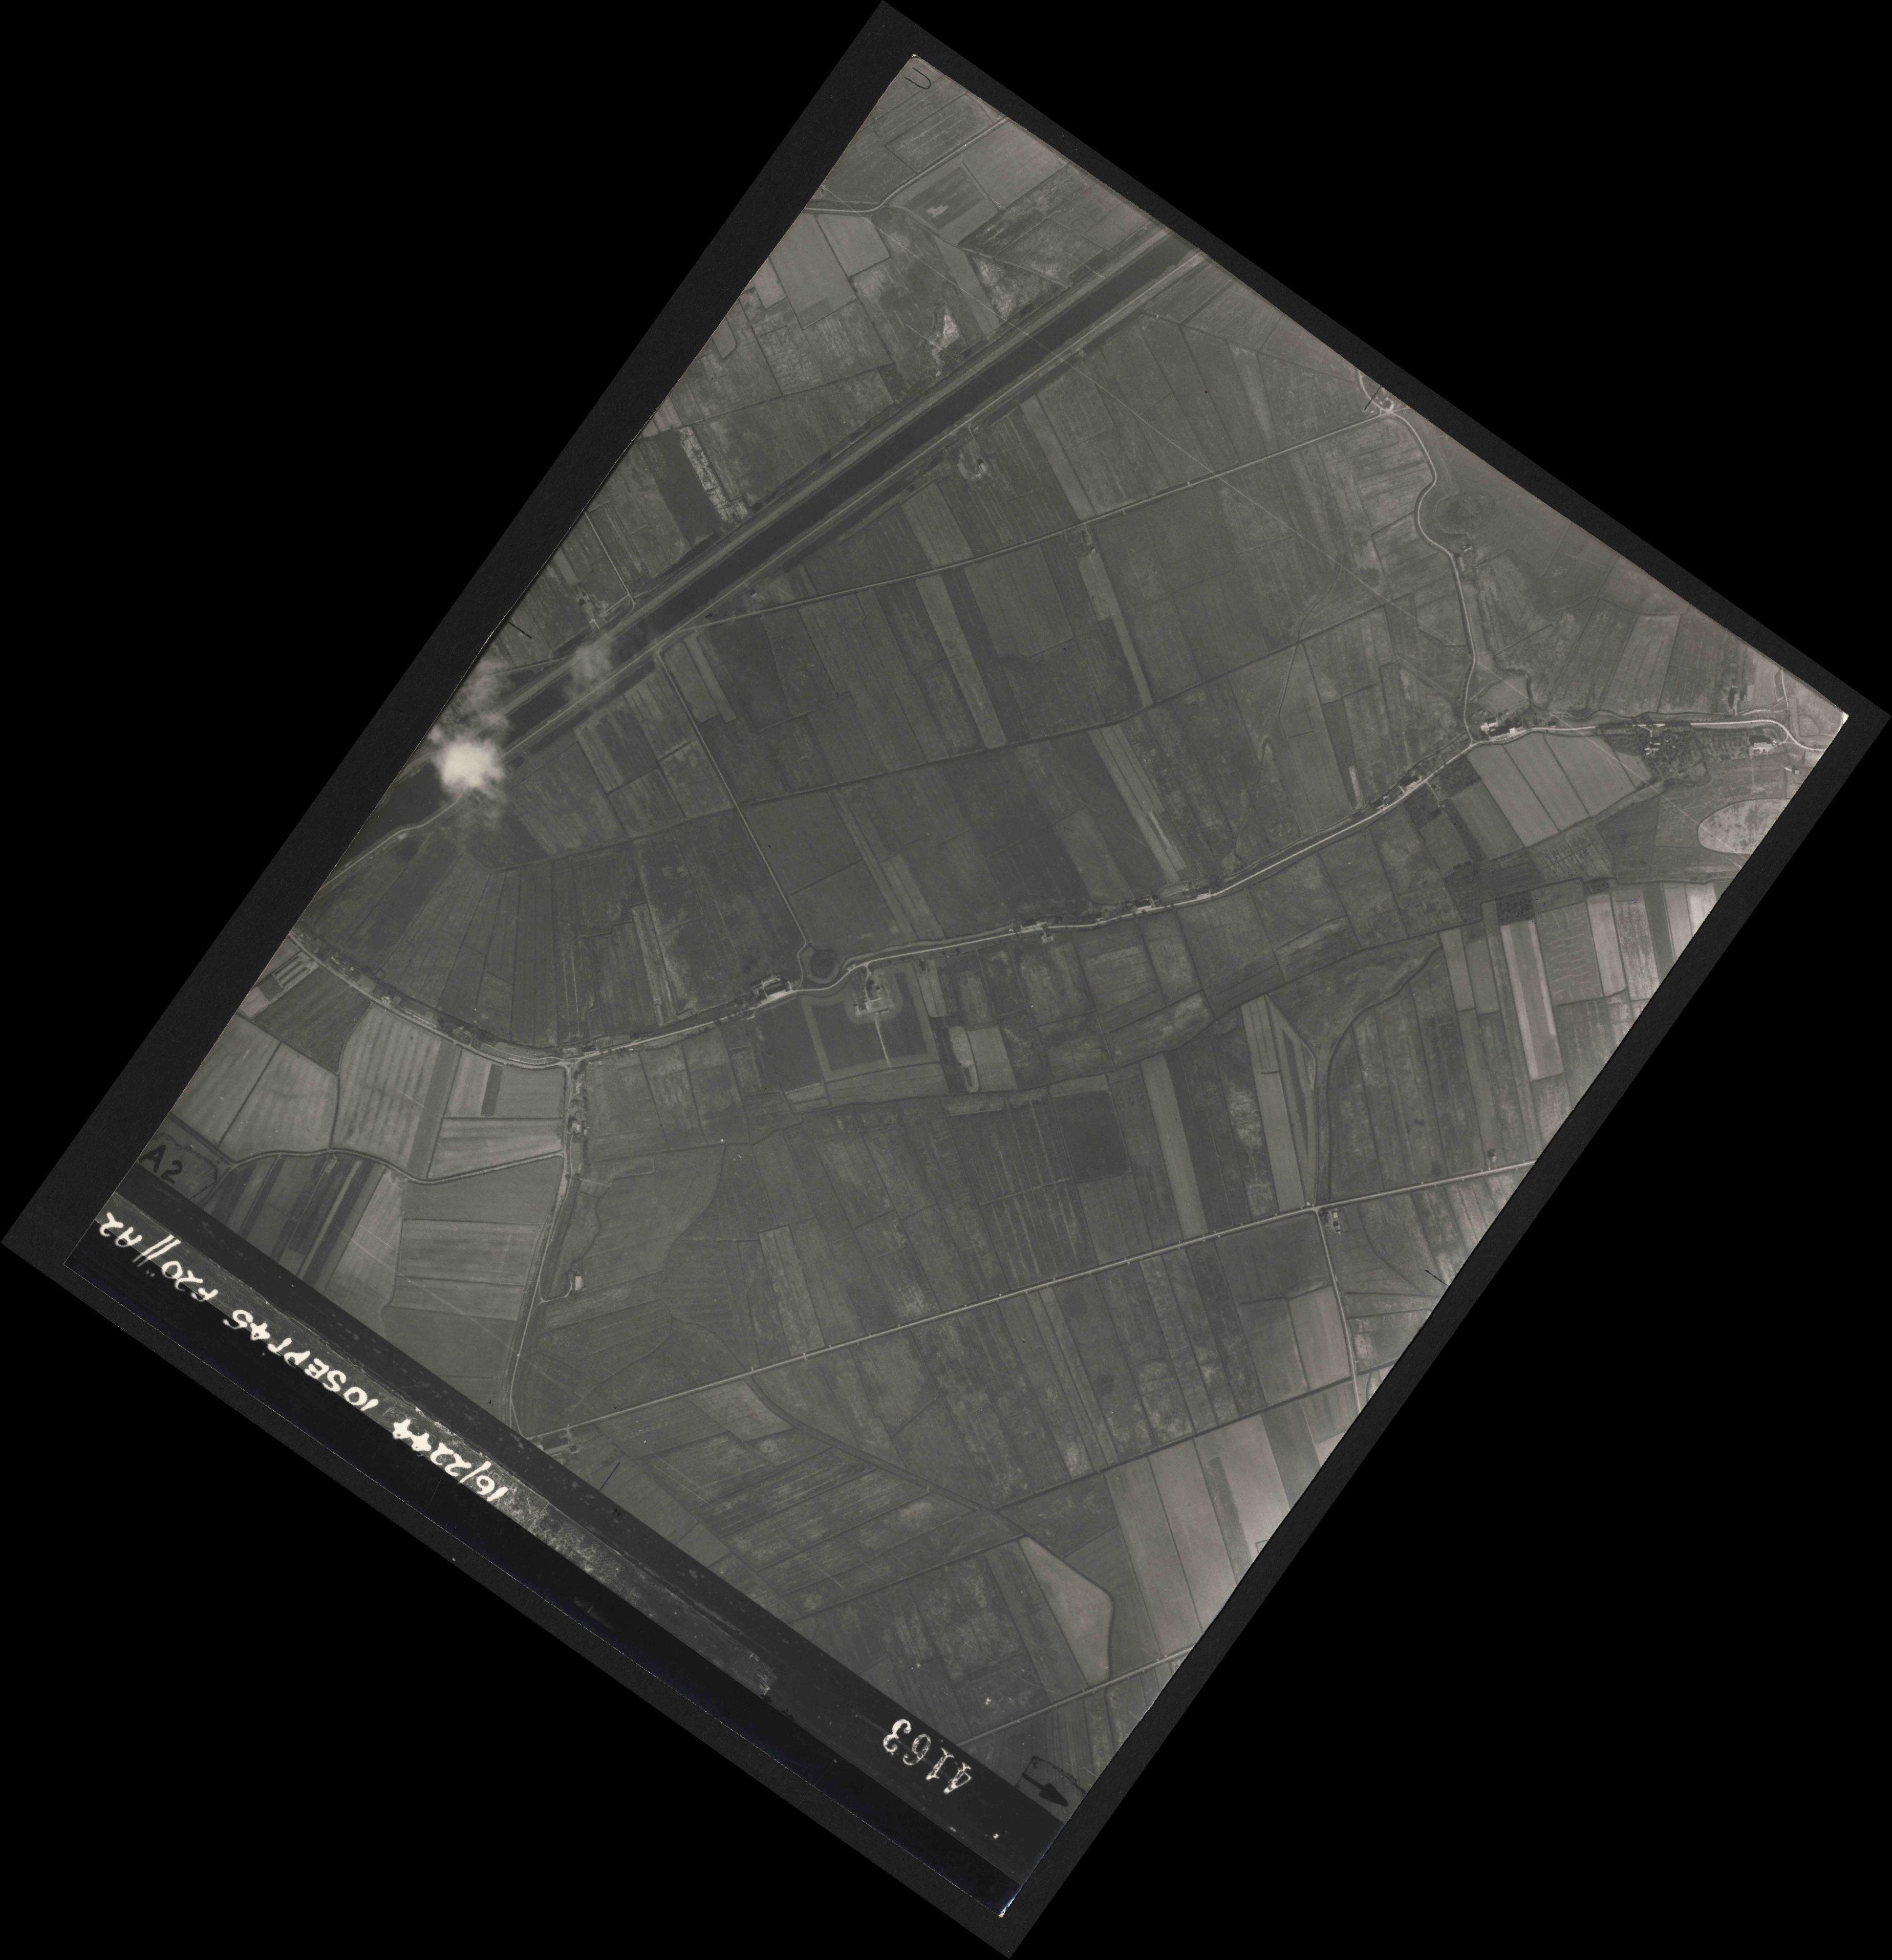 Collection RAF aerial photos 1940-1945 - flight 035, run 12, photo 4163